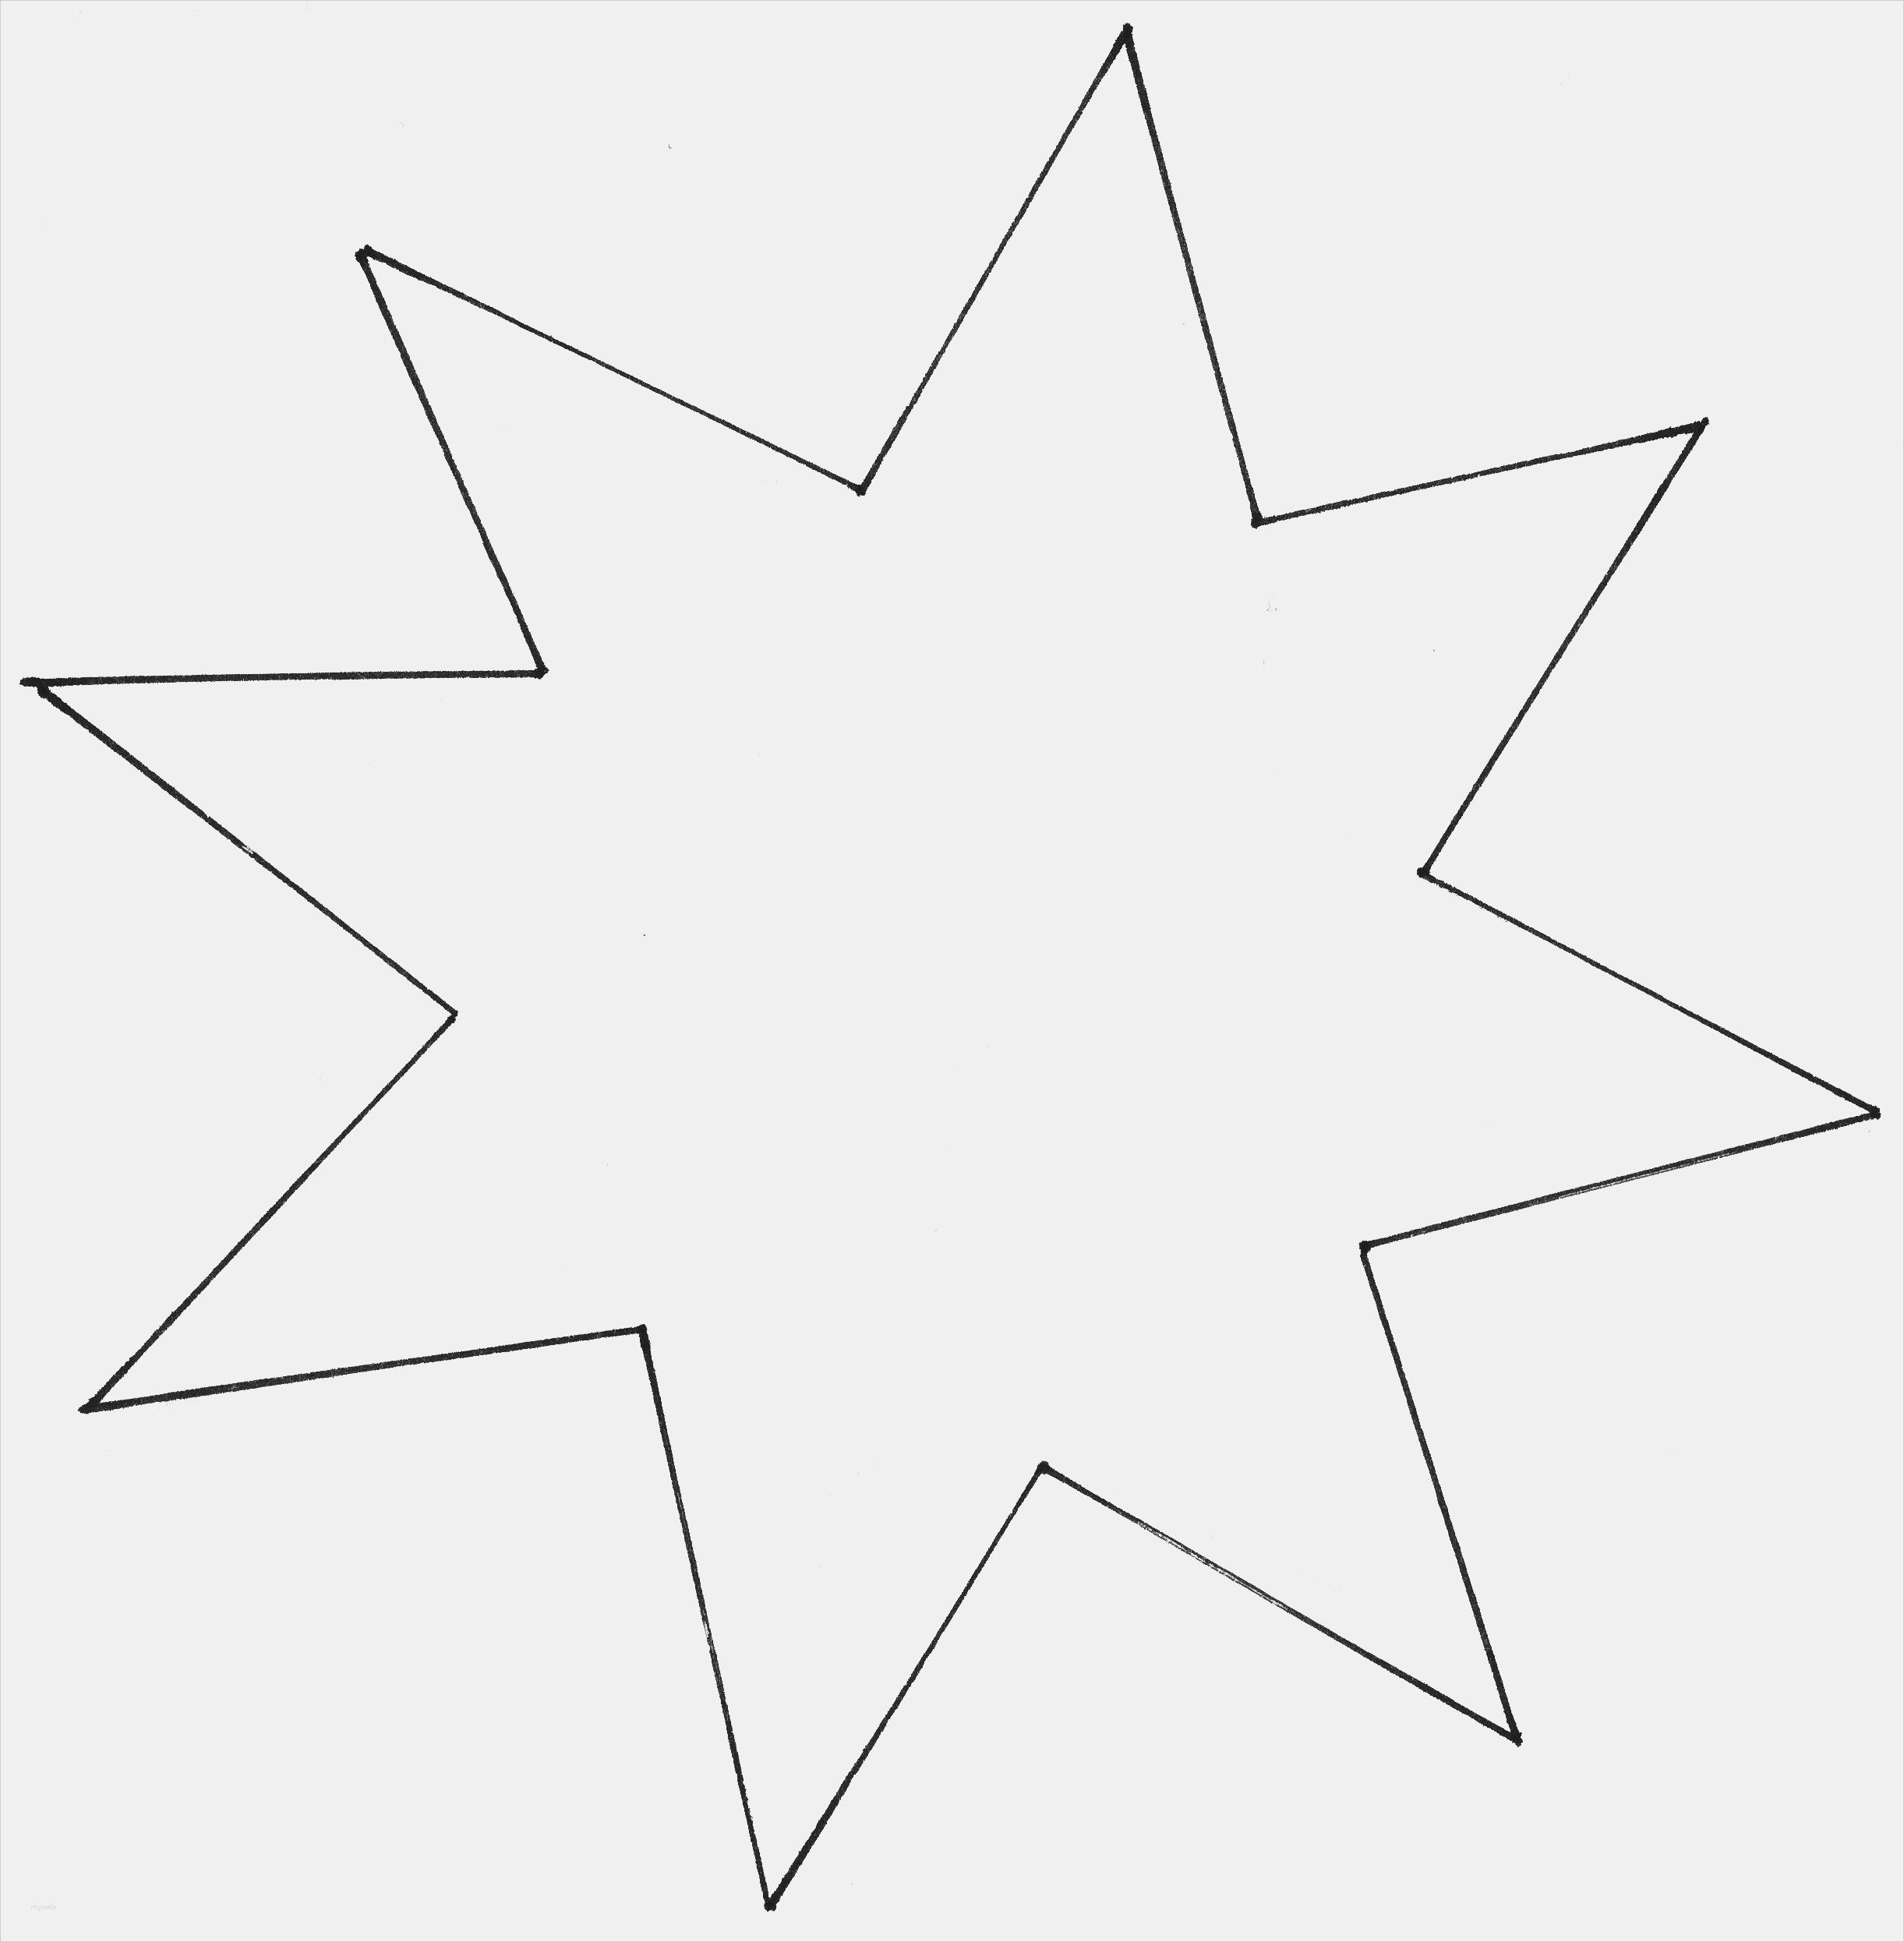 Ein Stern 5 Wie Malvorlage Wie   Coloring And Malvorlagan mit Vorlage Weihnachtsstern